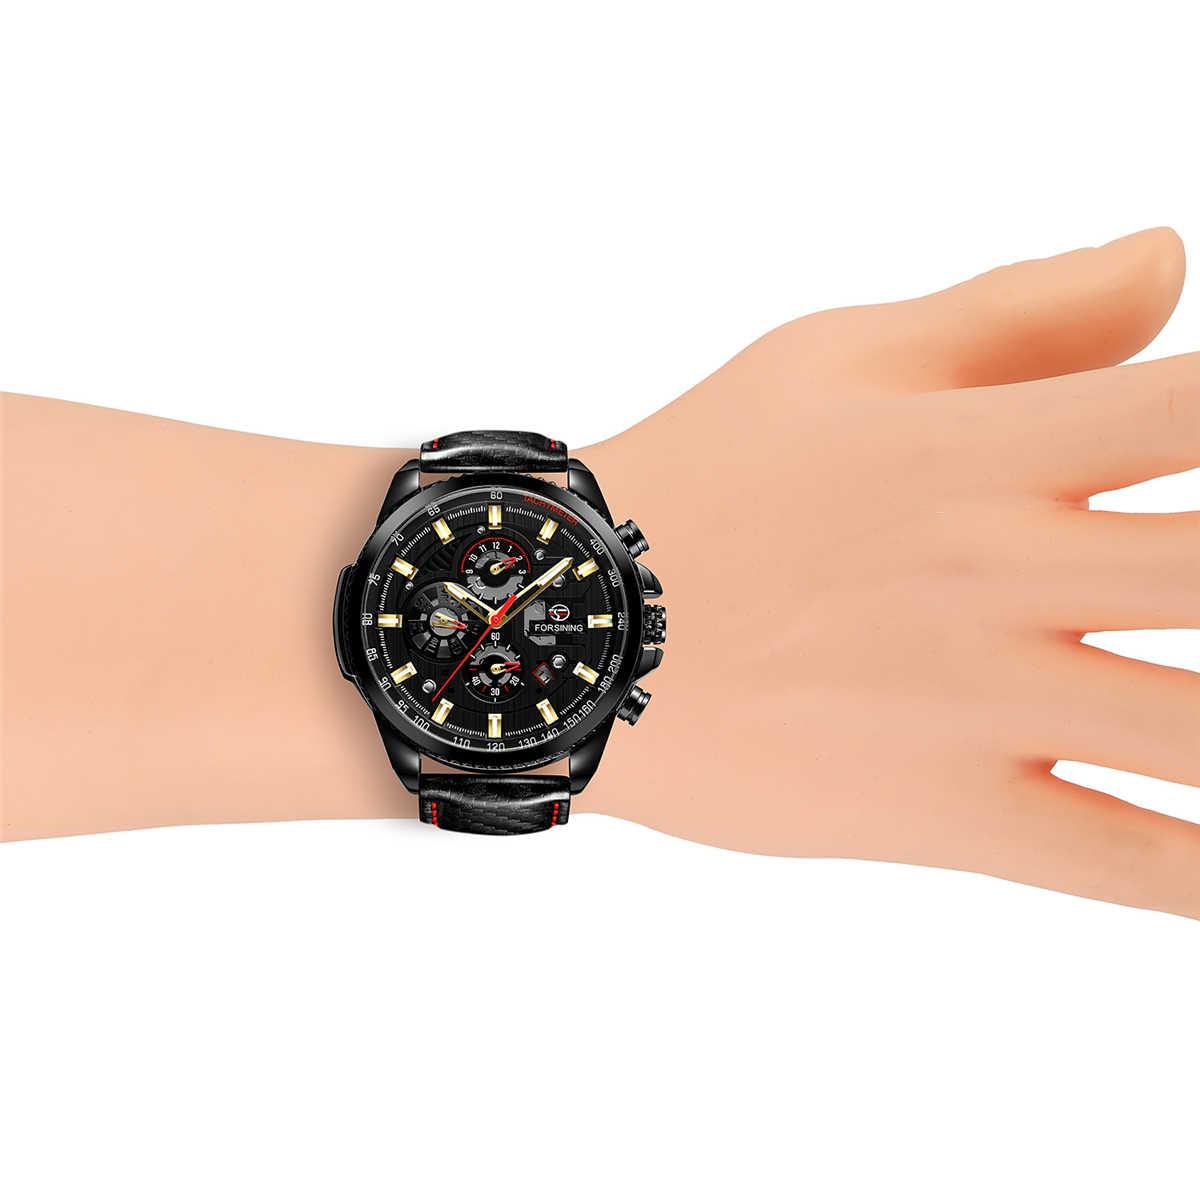 オリジナル Forsining ファッションメンズ腕時計トップブランド多機能自動腕時計メンズカレンダー防水機械式時計